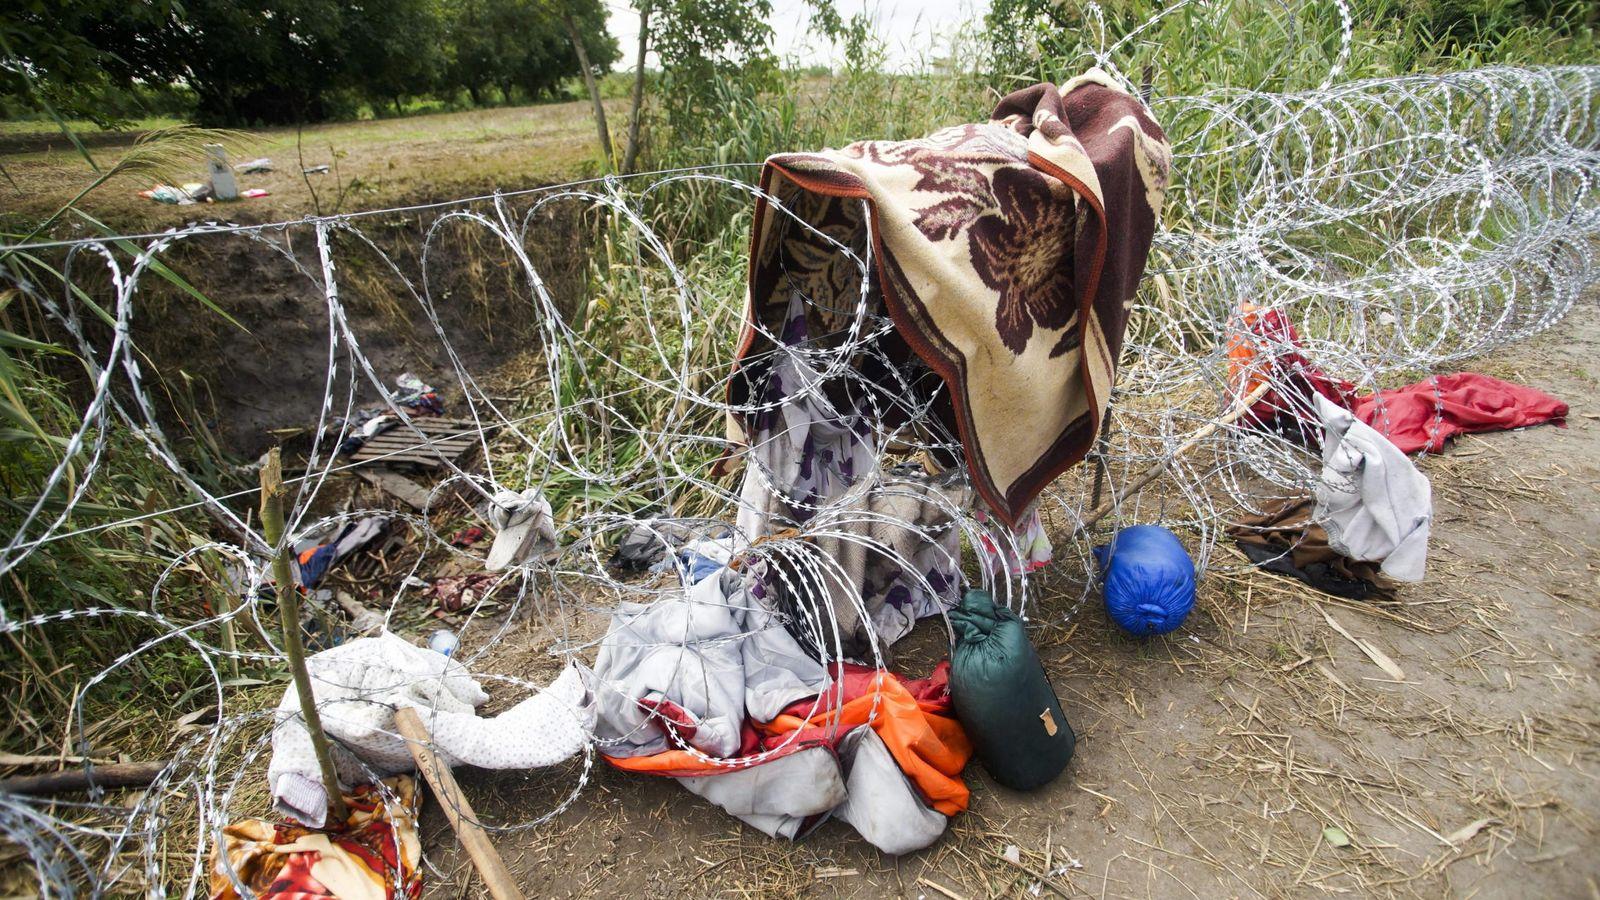 Foto: Ropas y objetos personales de los inmigrantes sobre la alambrada en Roszke, Hungría. (Efe)